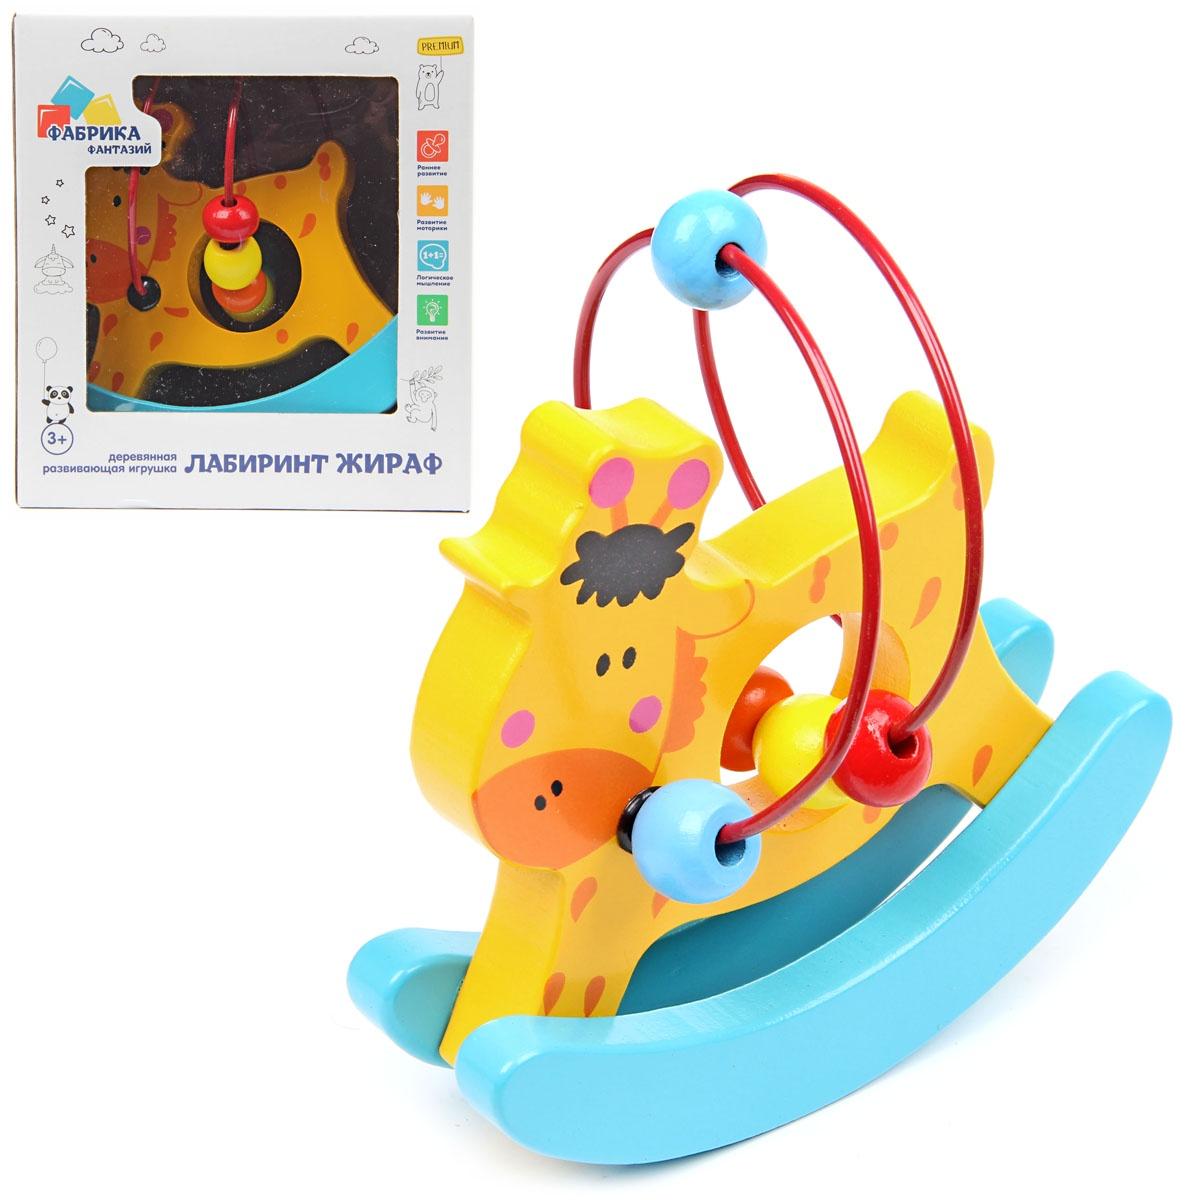 Развивающая игрушка Фабрика Фантазий 70032, 70032 цена